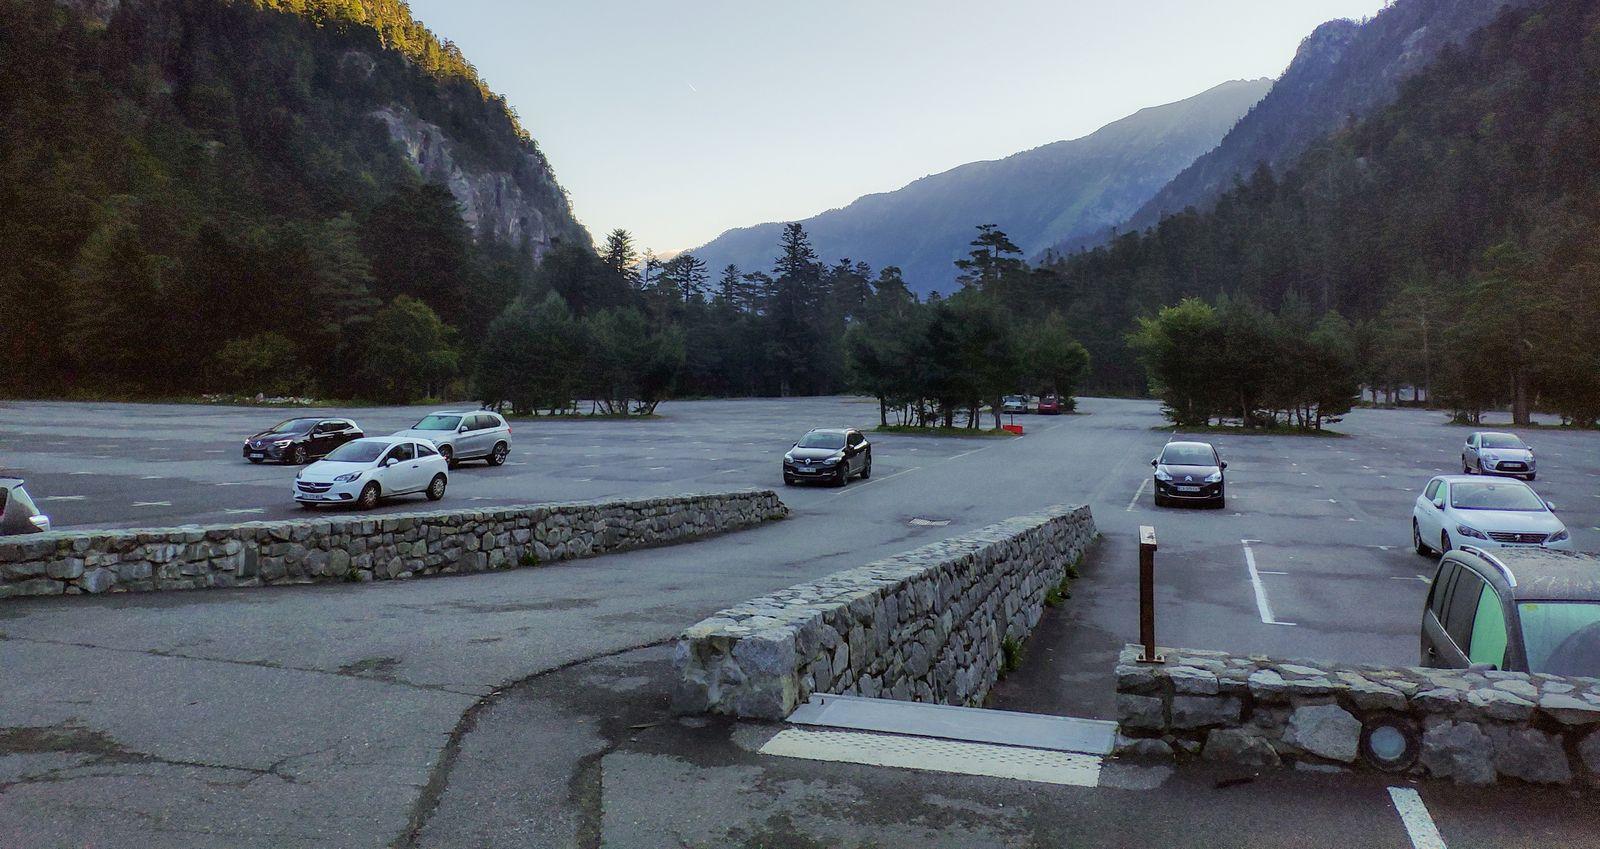 El aparcamiento prácticamente vacío a primera hora